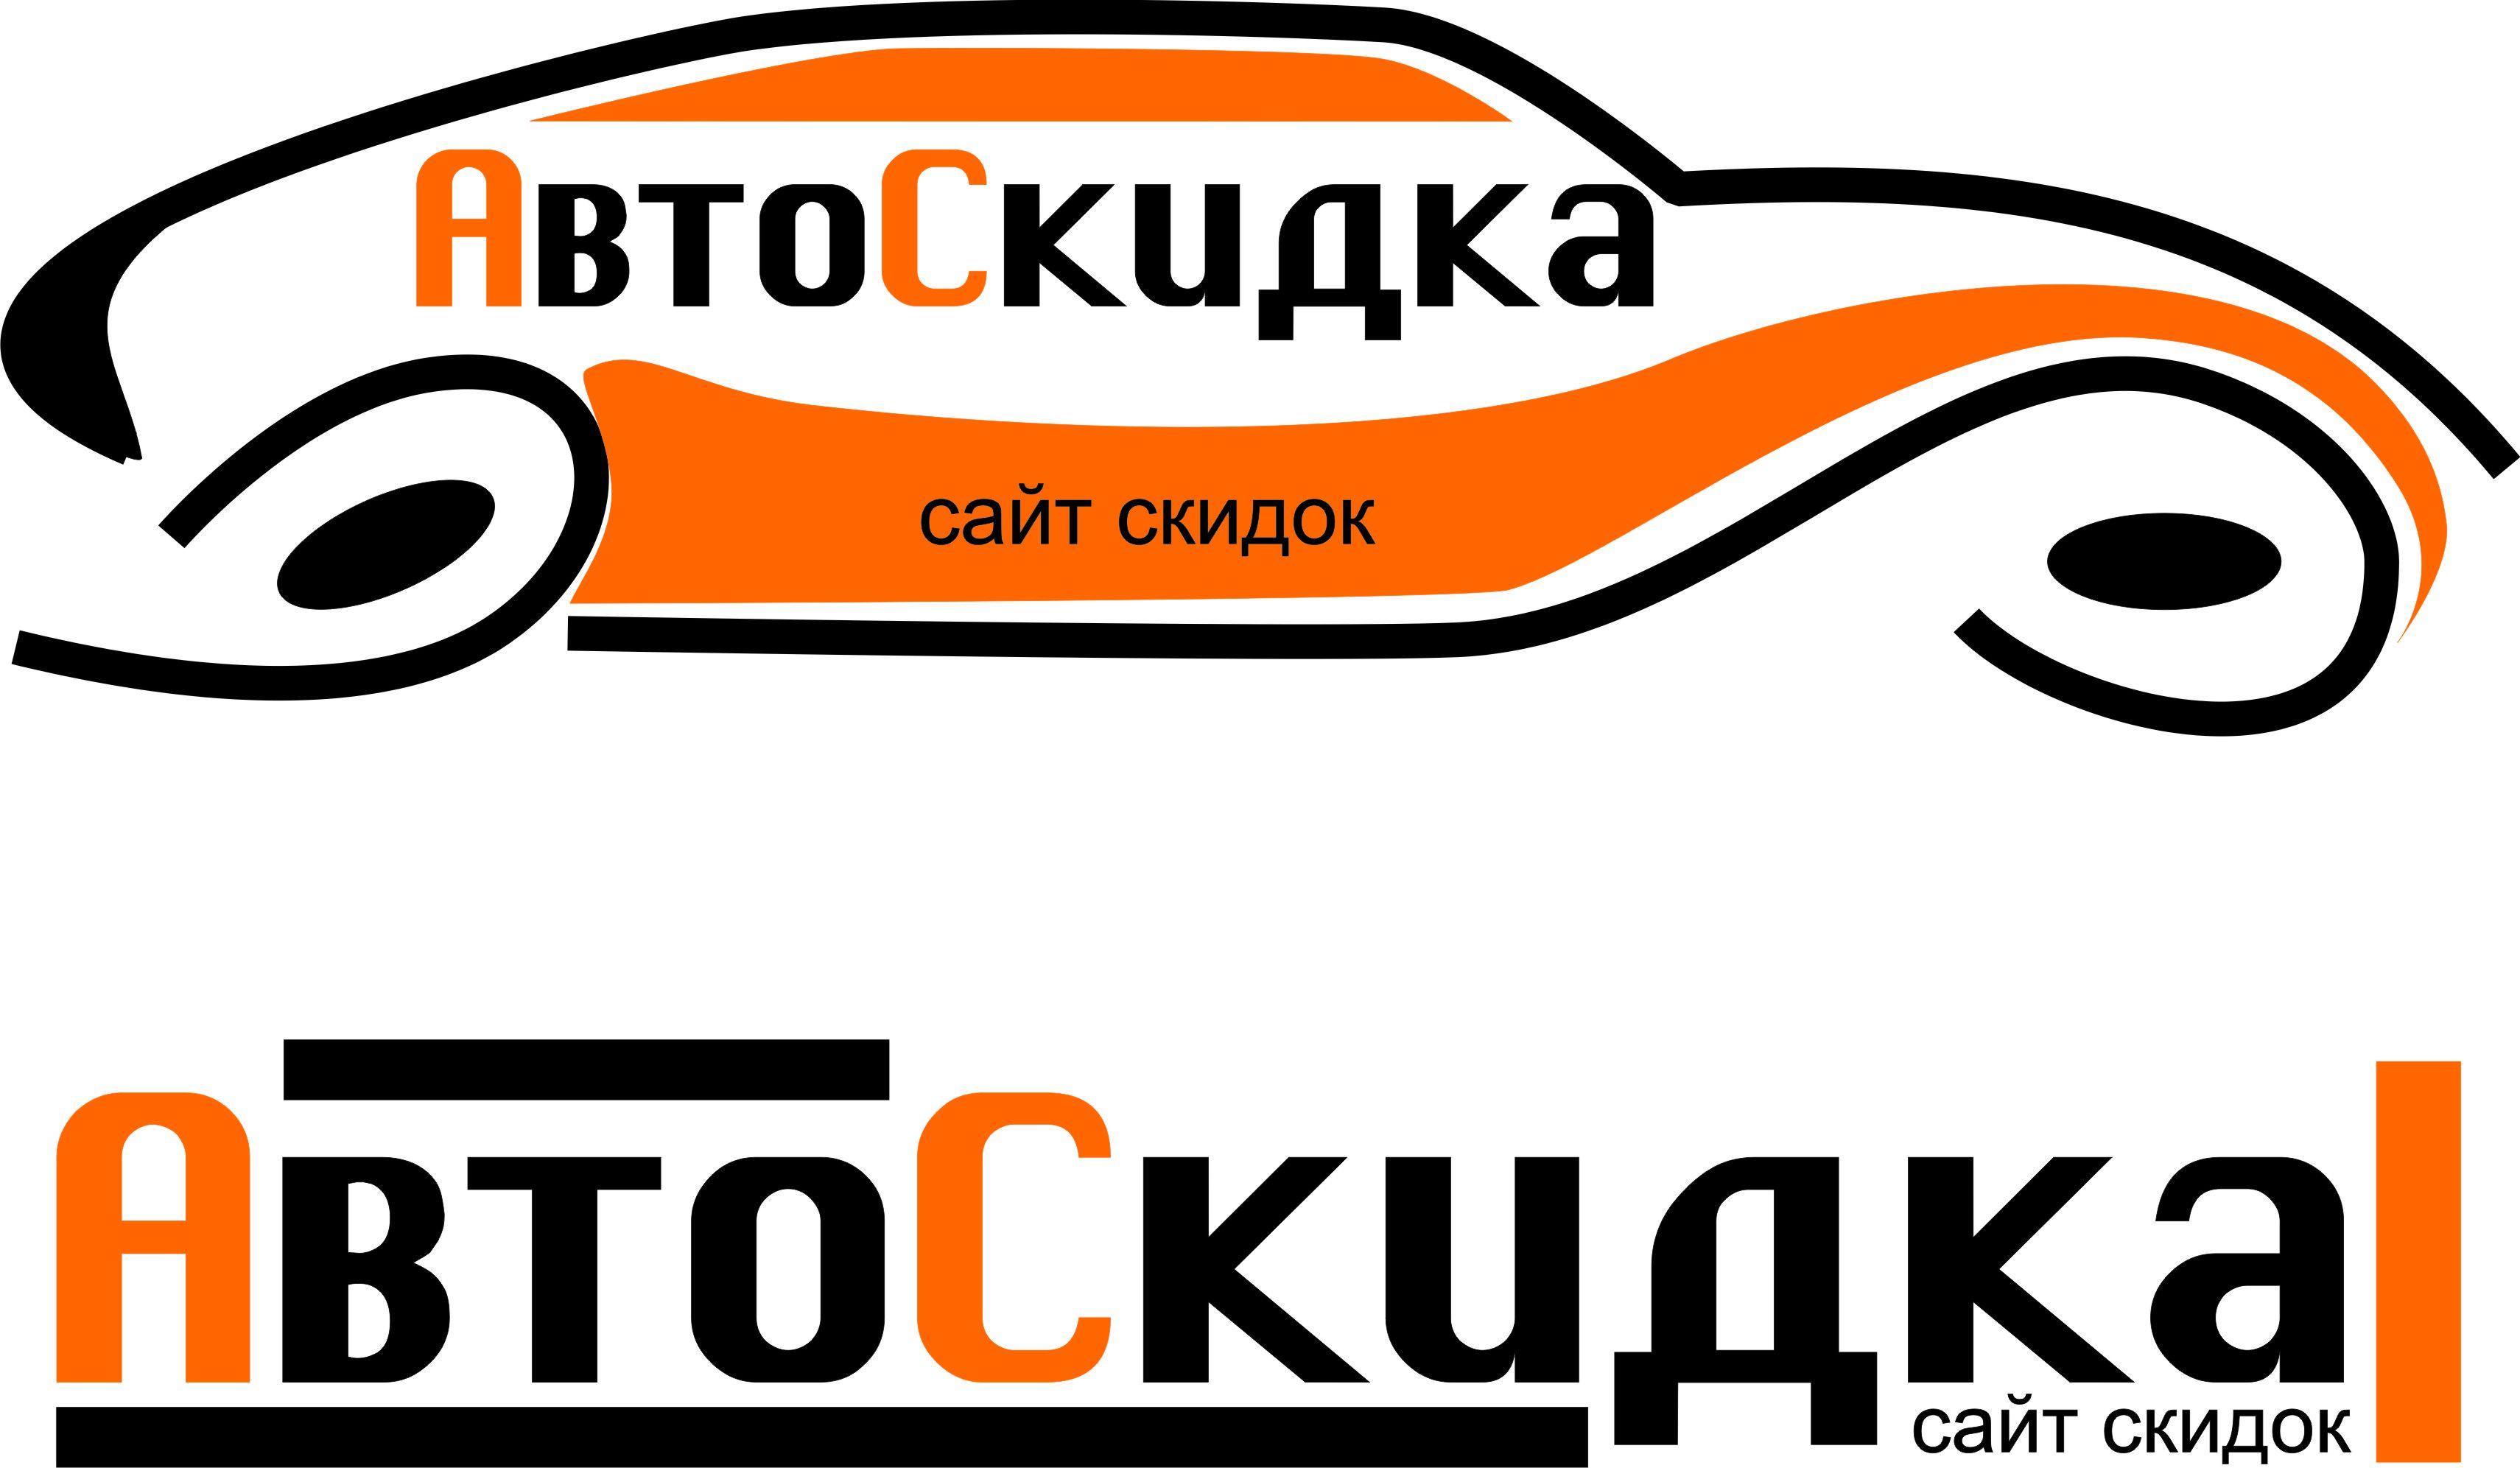 Логотип для скидочного сайта - дизайнер Designer-Anna